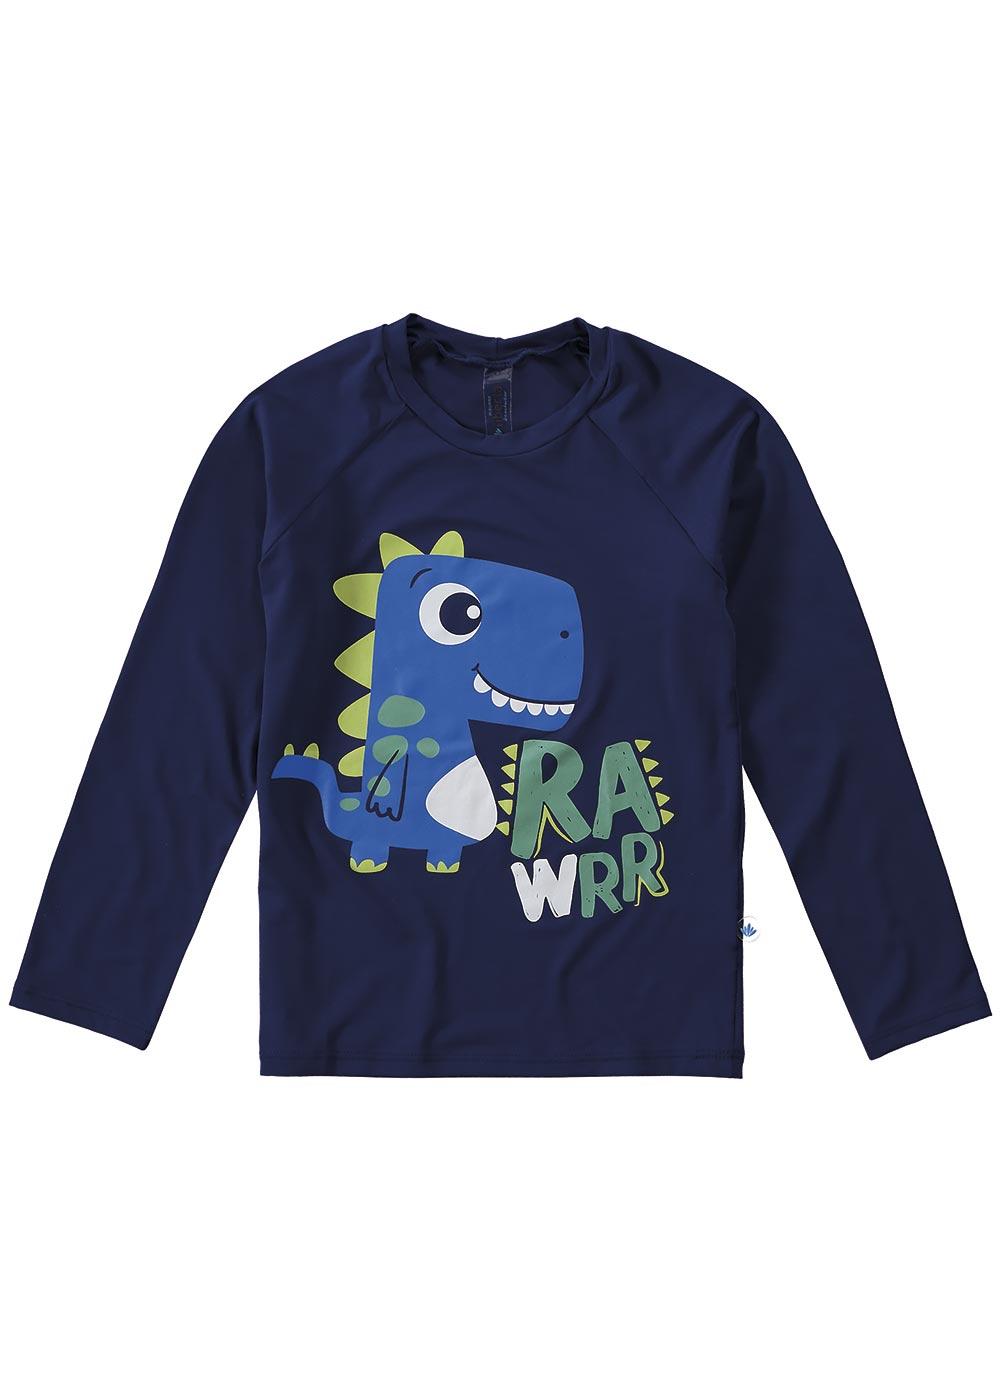 Blusa com Proteção UV Infantil Masculino Verão Azul Dinossauro - Malwee